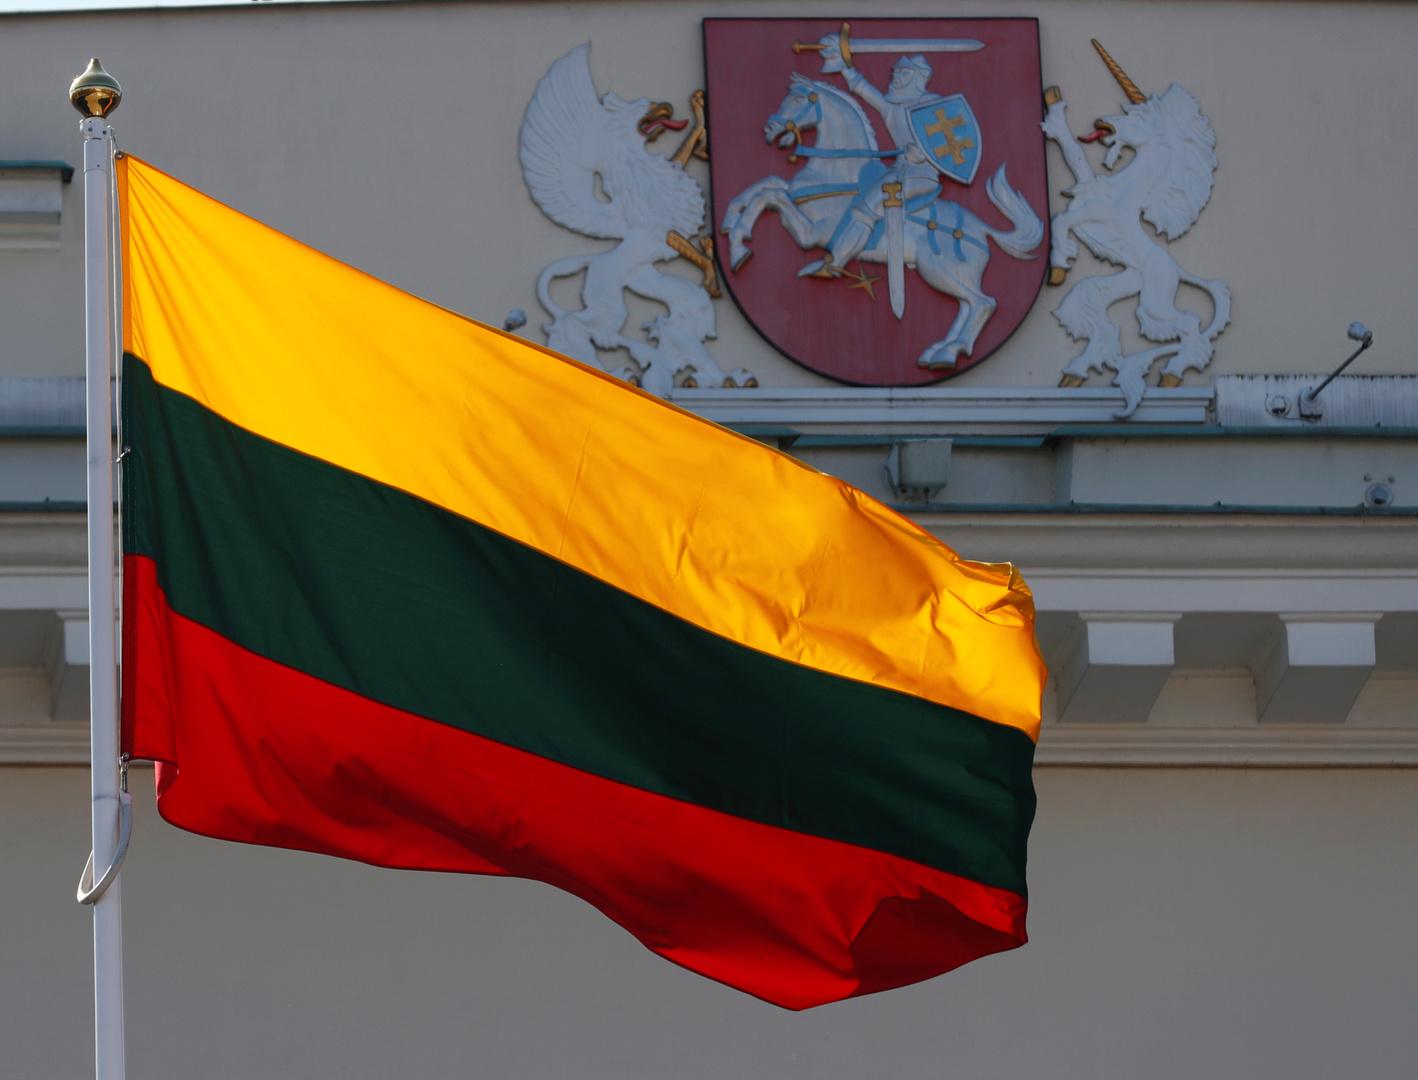 ليتوانيا تستدعي سفيرتها لدى بكين على خلفية نزاع بشأن تايوان